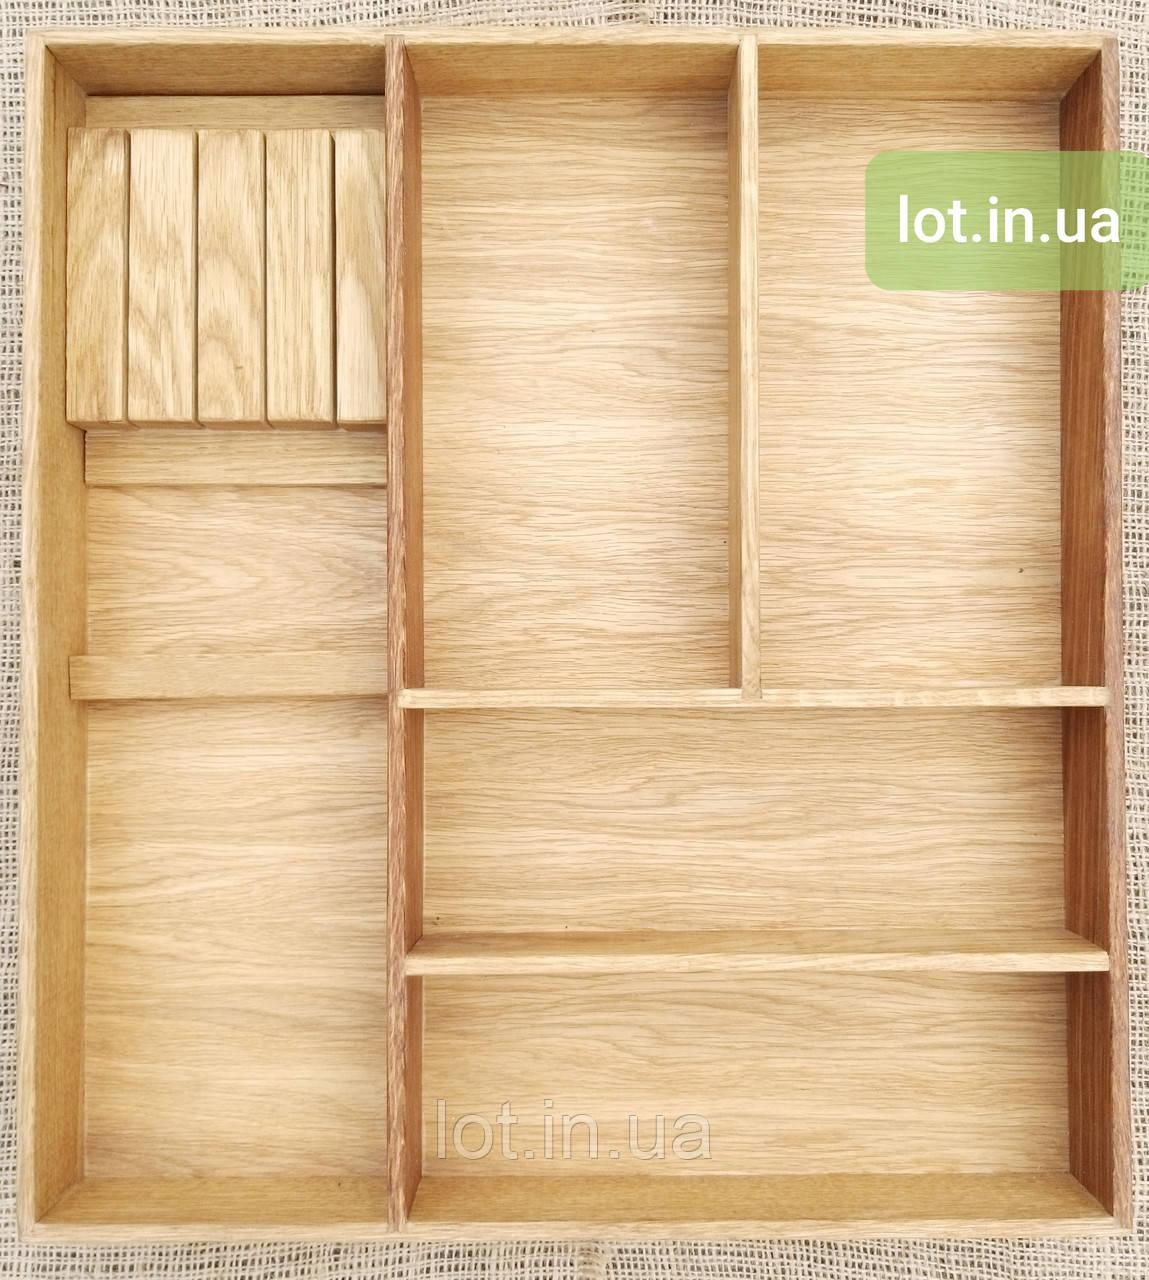 Лоток для столовых приборов 300х400. (индивидуальные размеры)